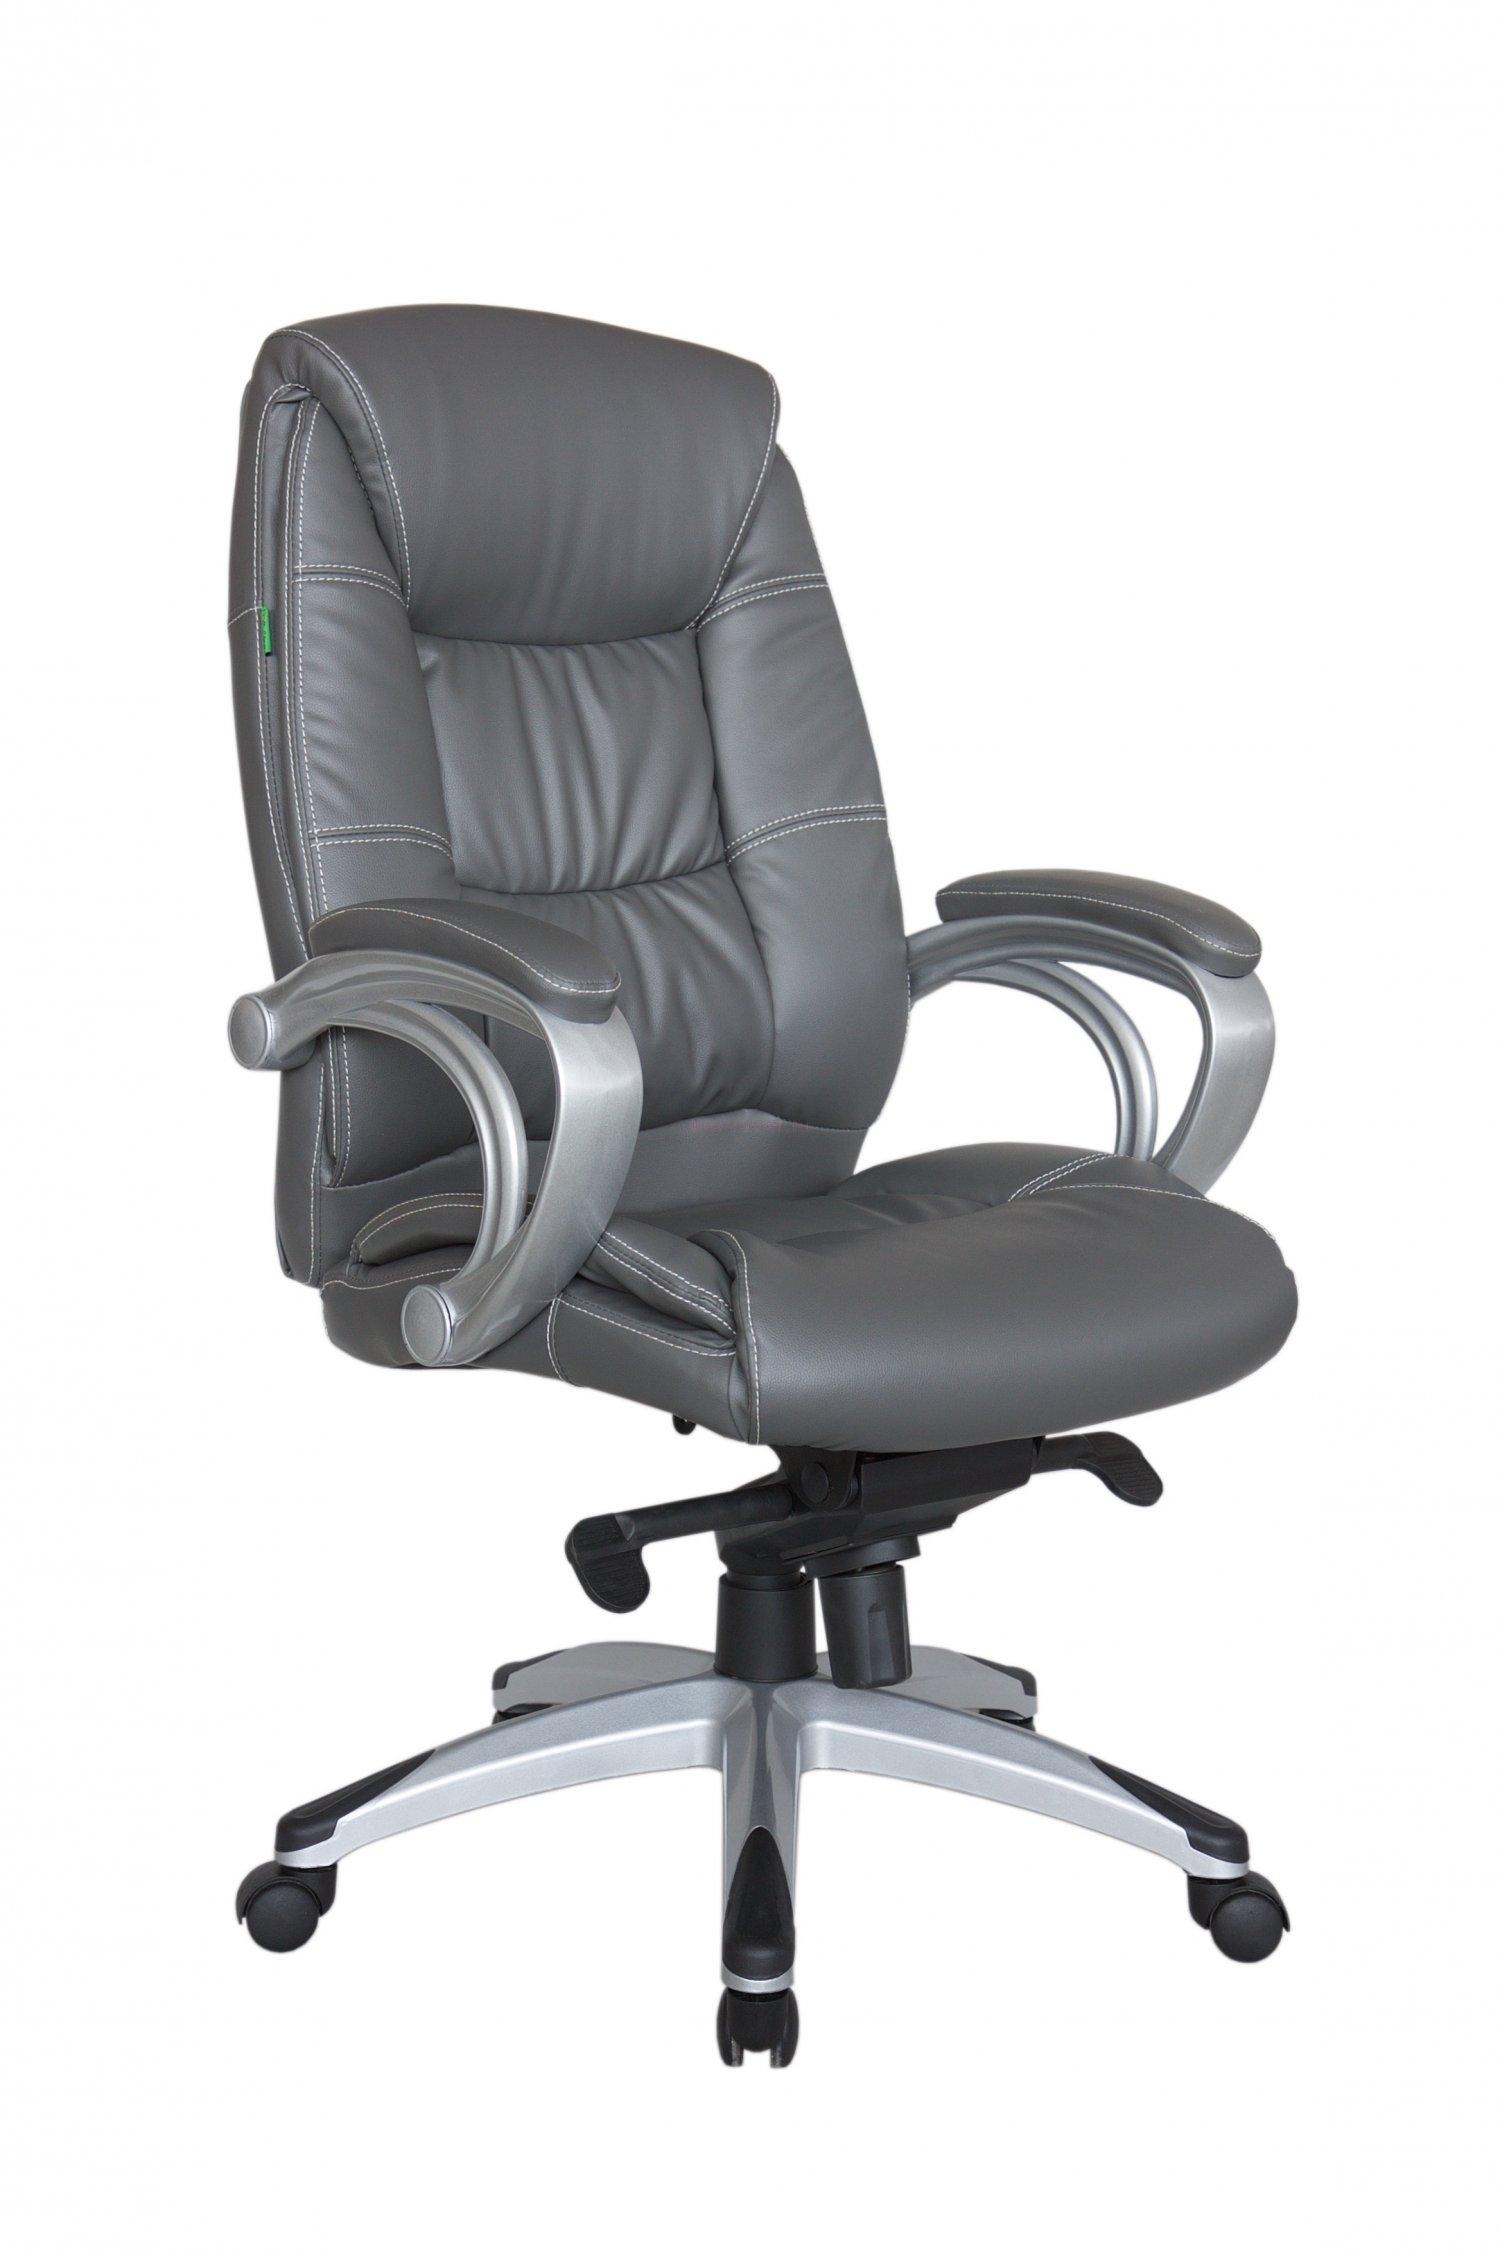 Офисное кресло Кресло Riva Chair 9127 (Оптика мультиблок)